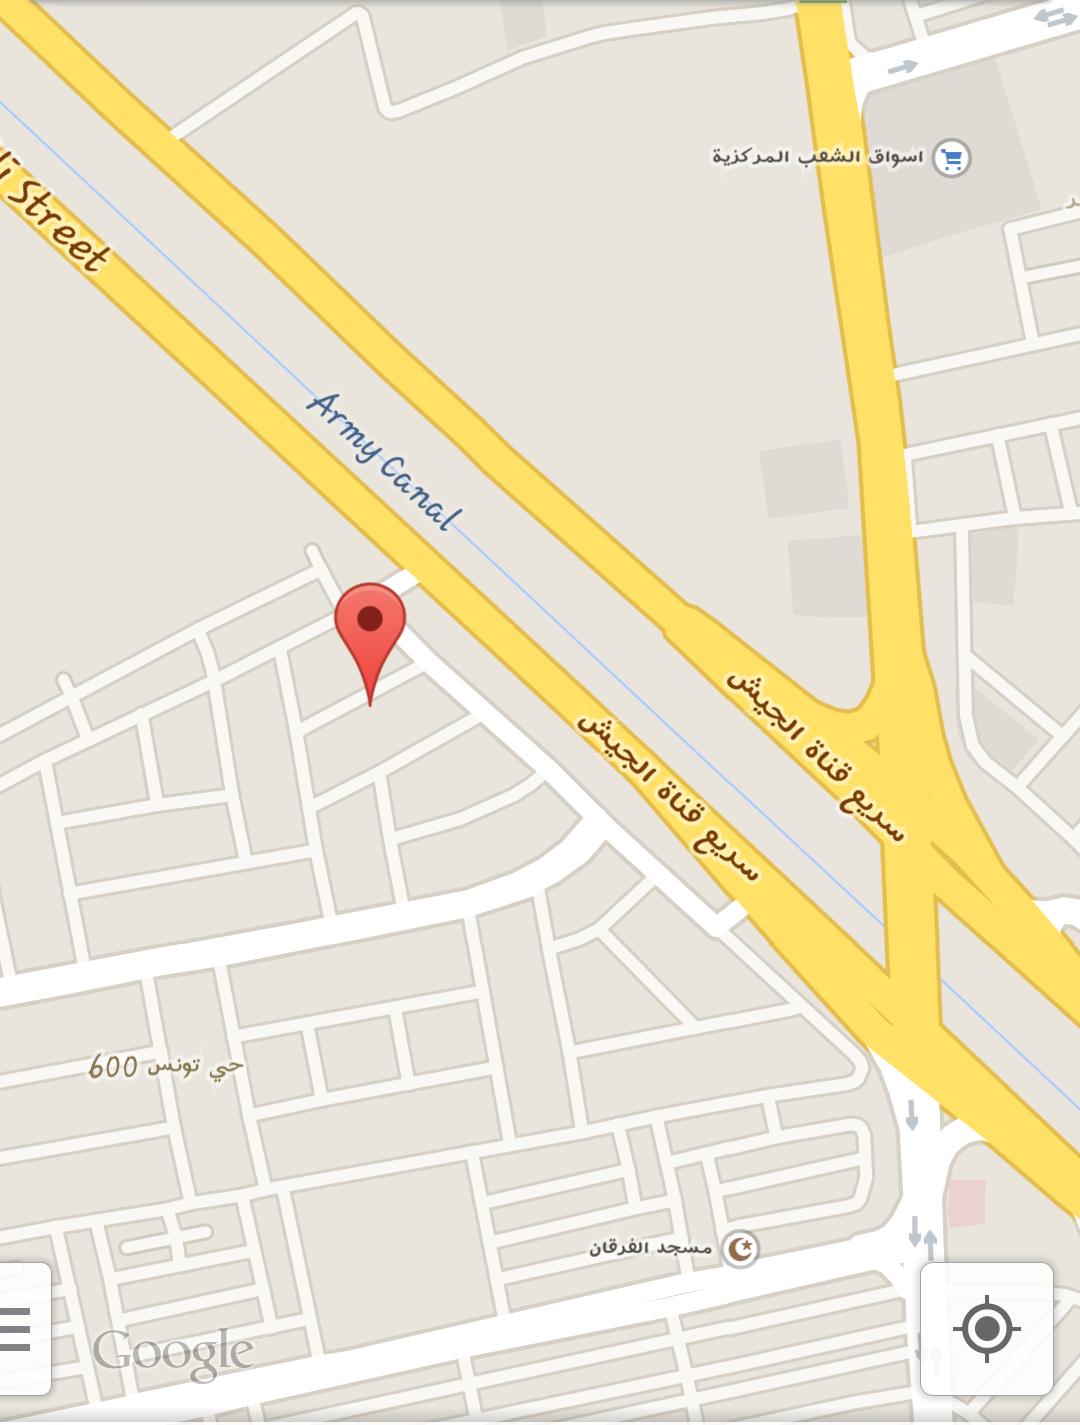 قطعة سكنية للبيع حي تونس ال600 م228م